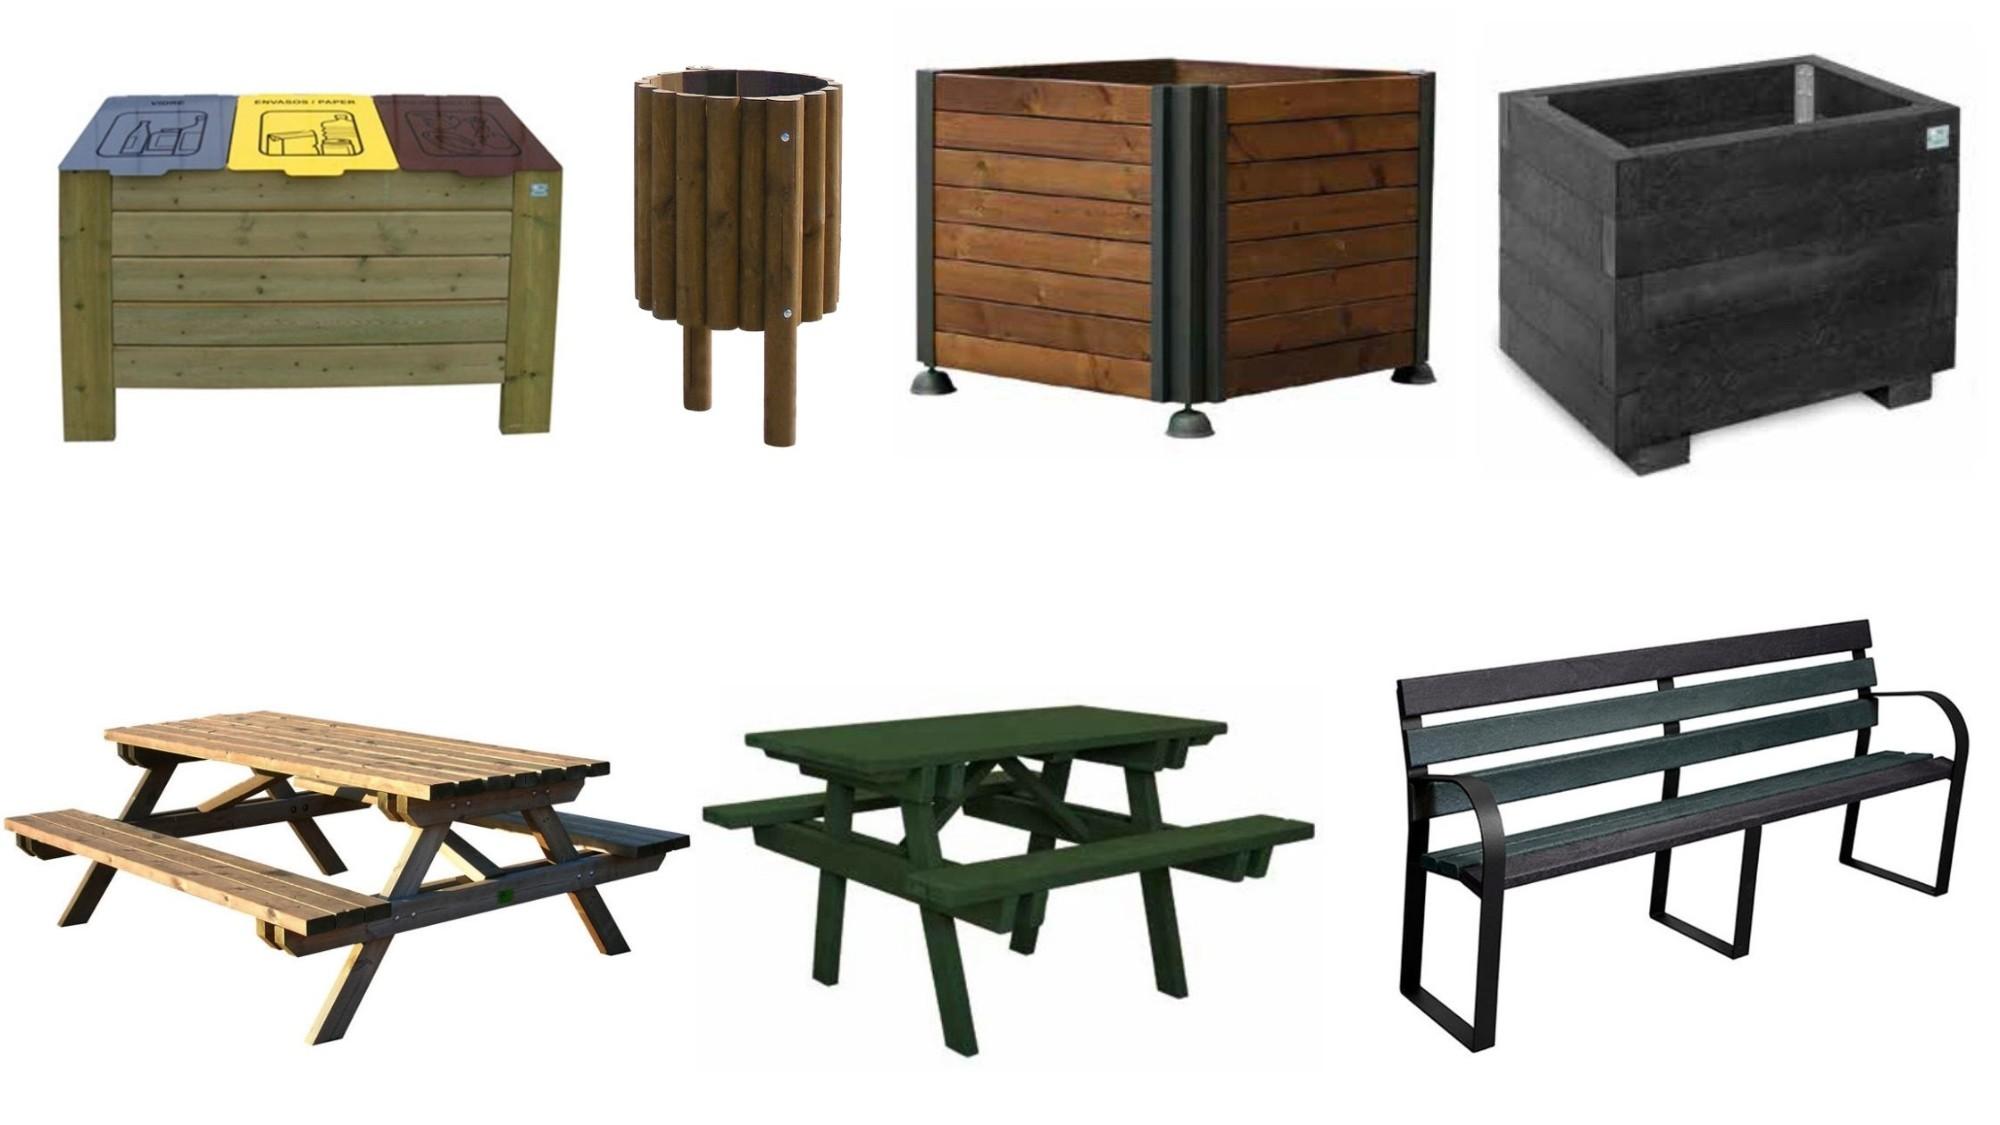 Com encertar amb el mobiliari urbà exterior?